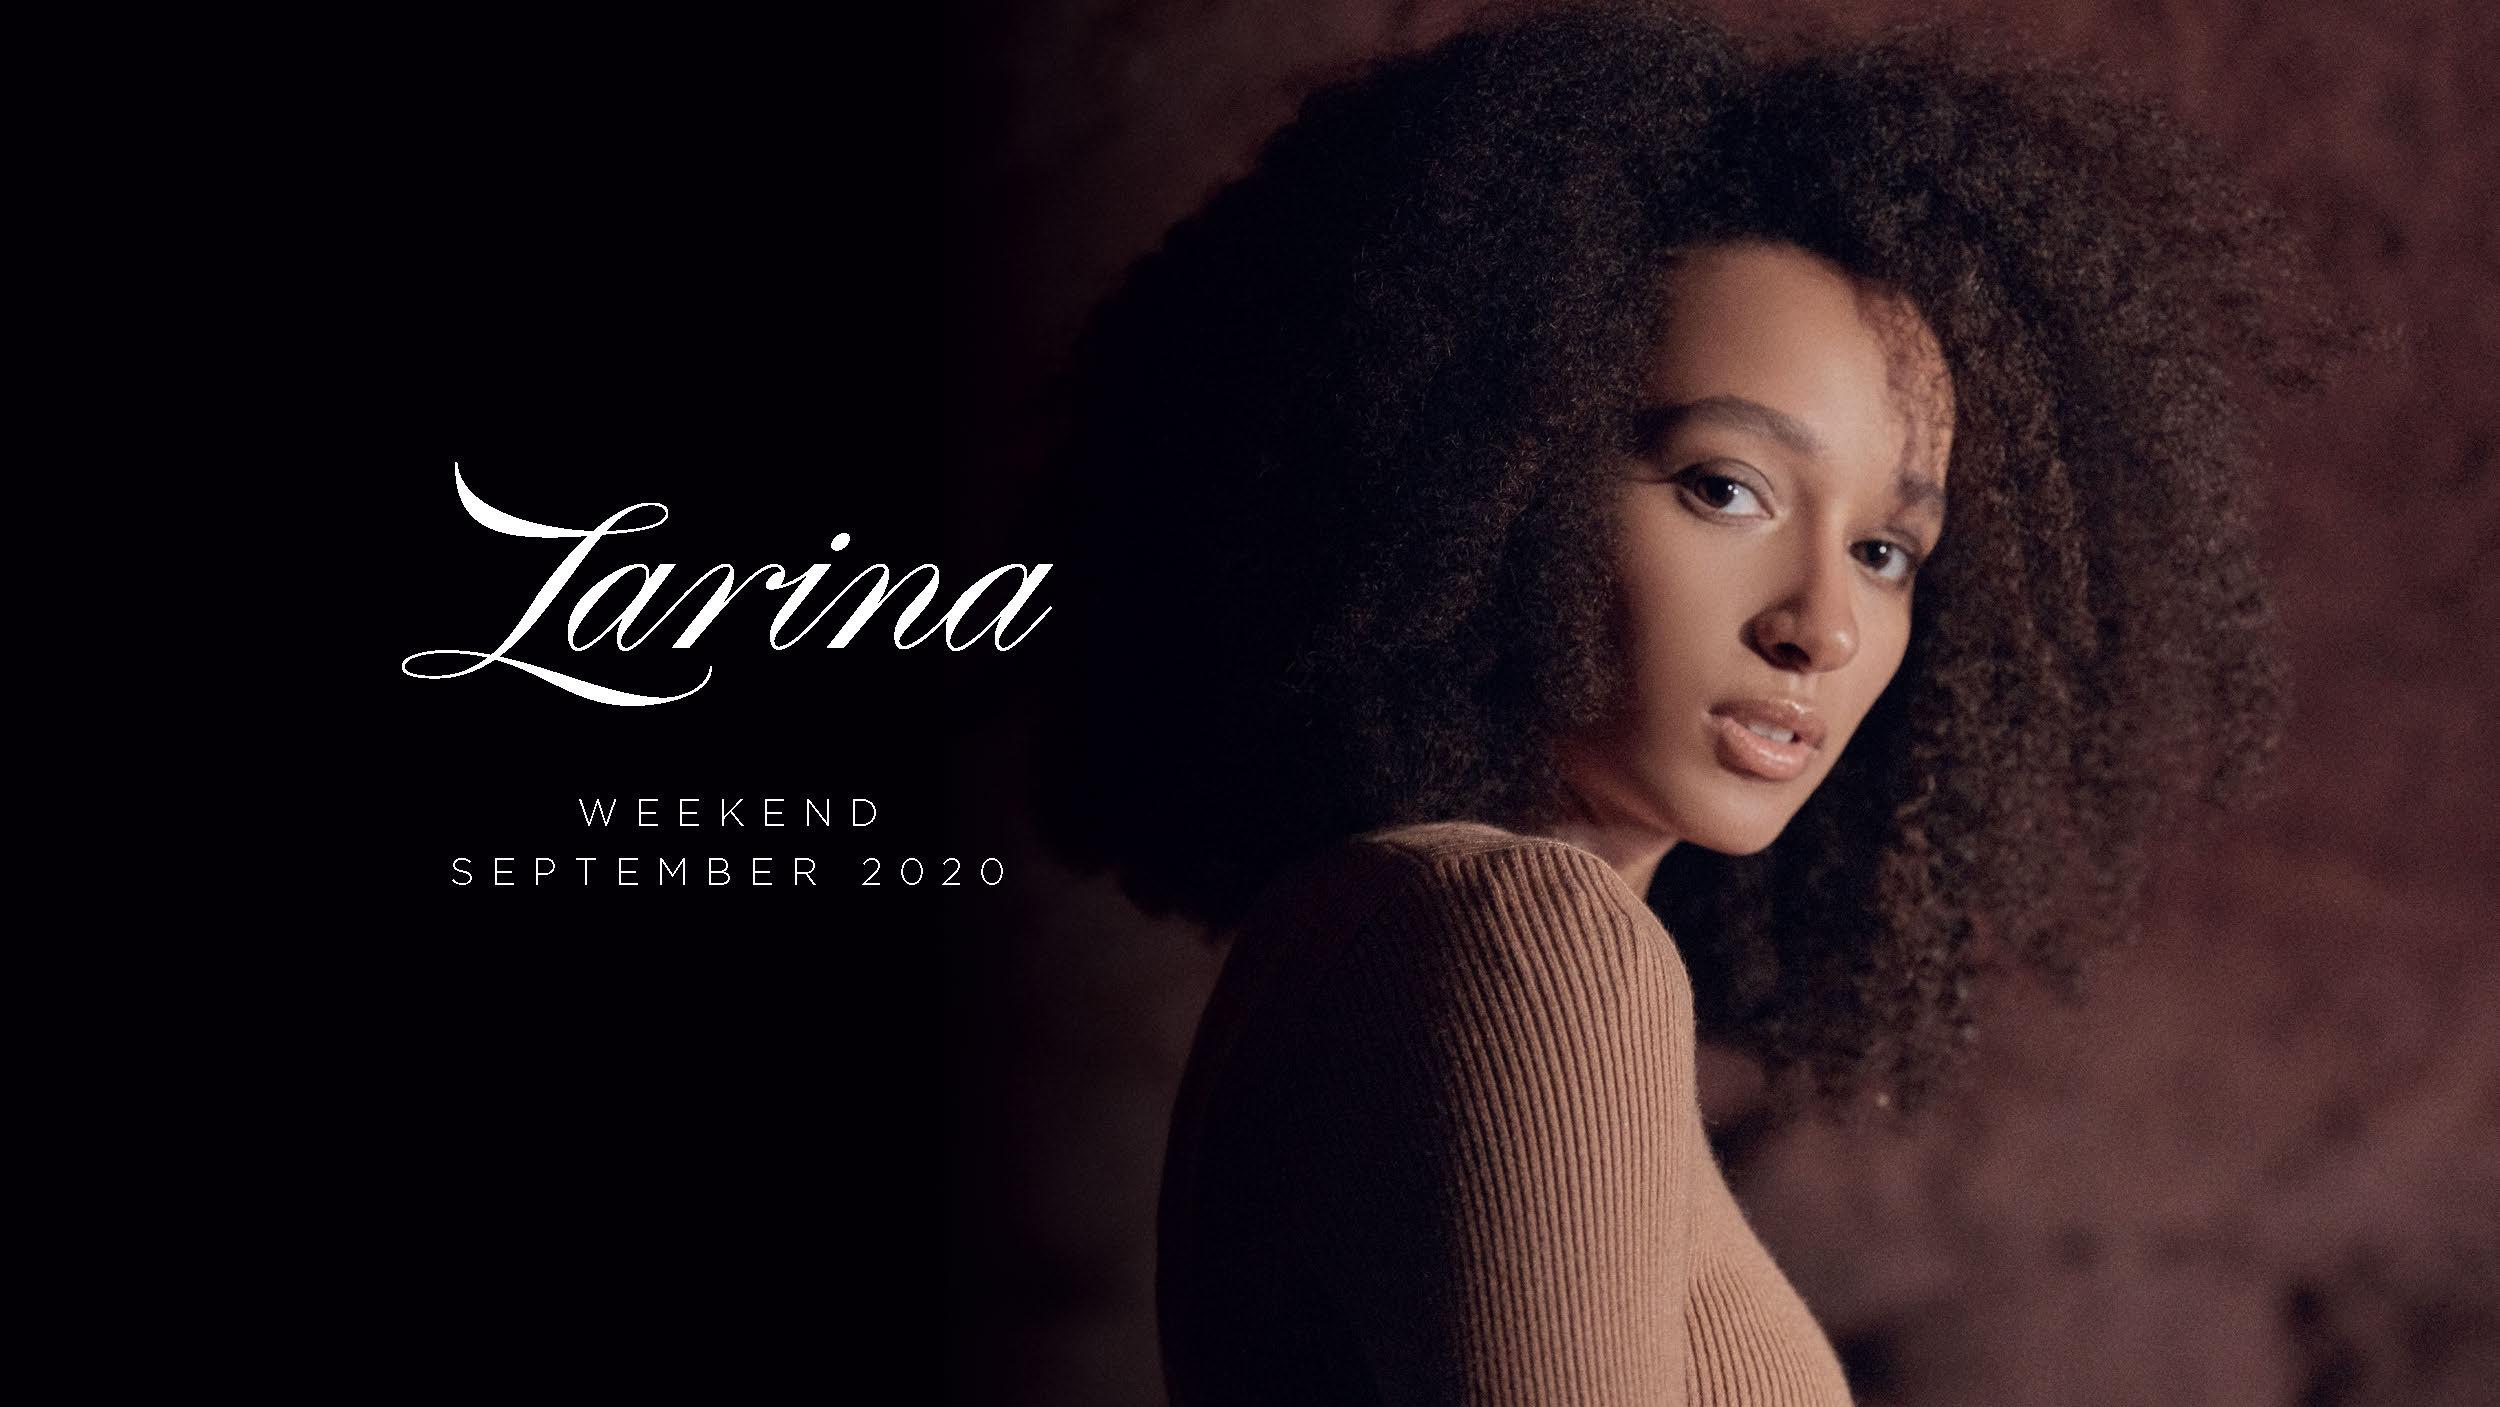 Weekend September 2020